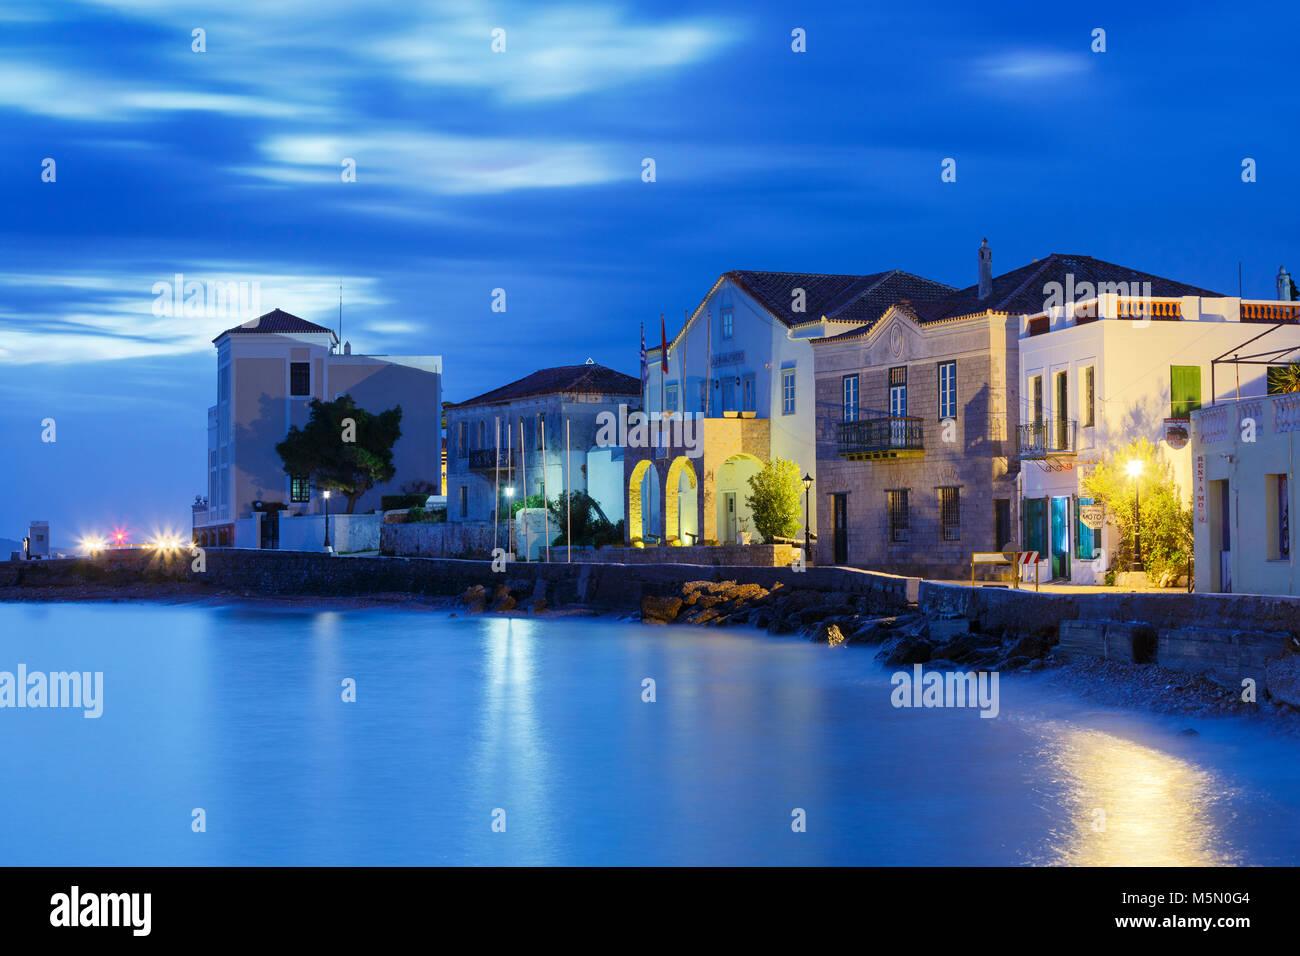 Vista la mattina di Spetses Village e il suo lungomare, Grecia. Immagini Stock